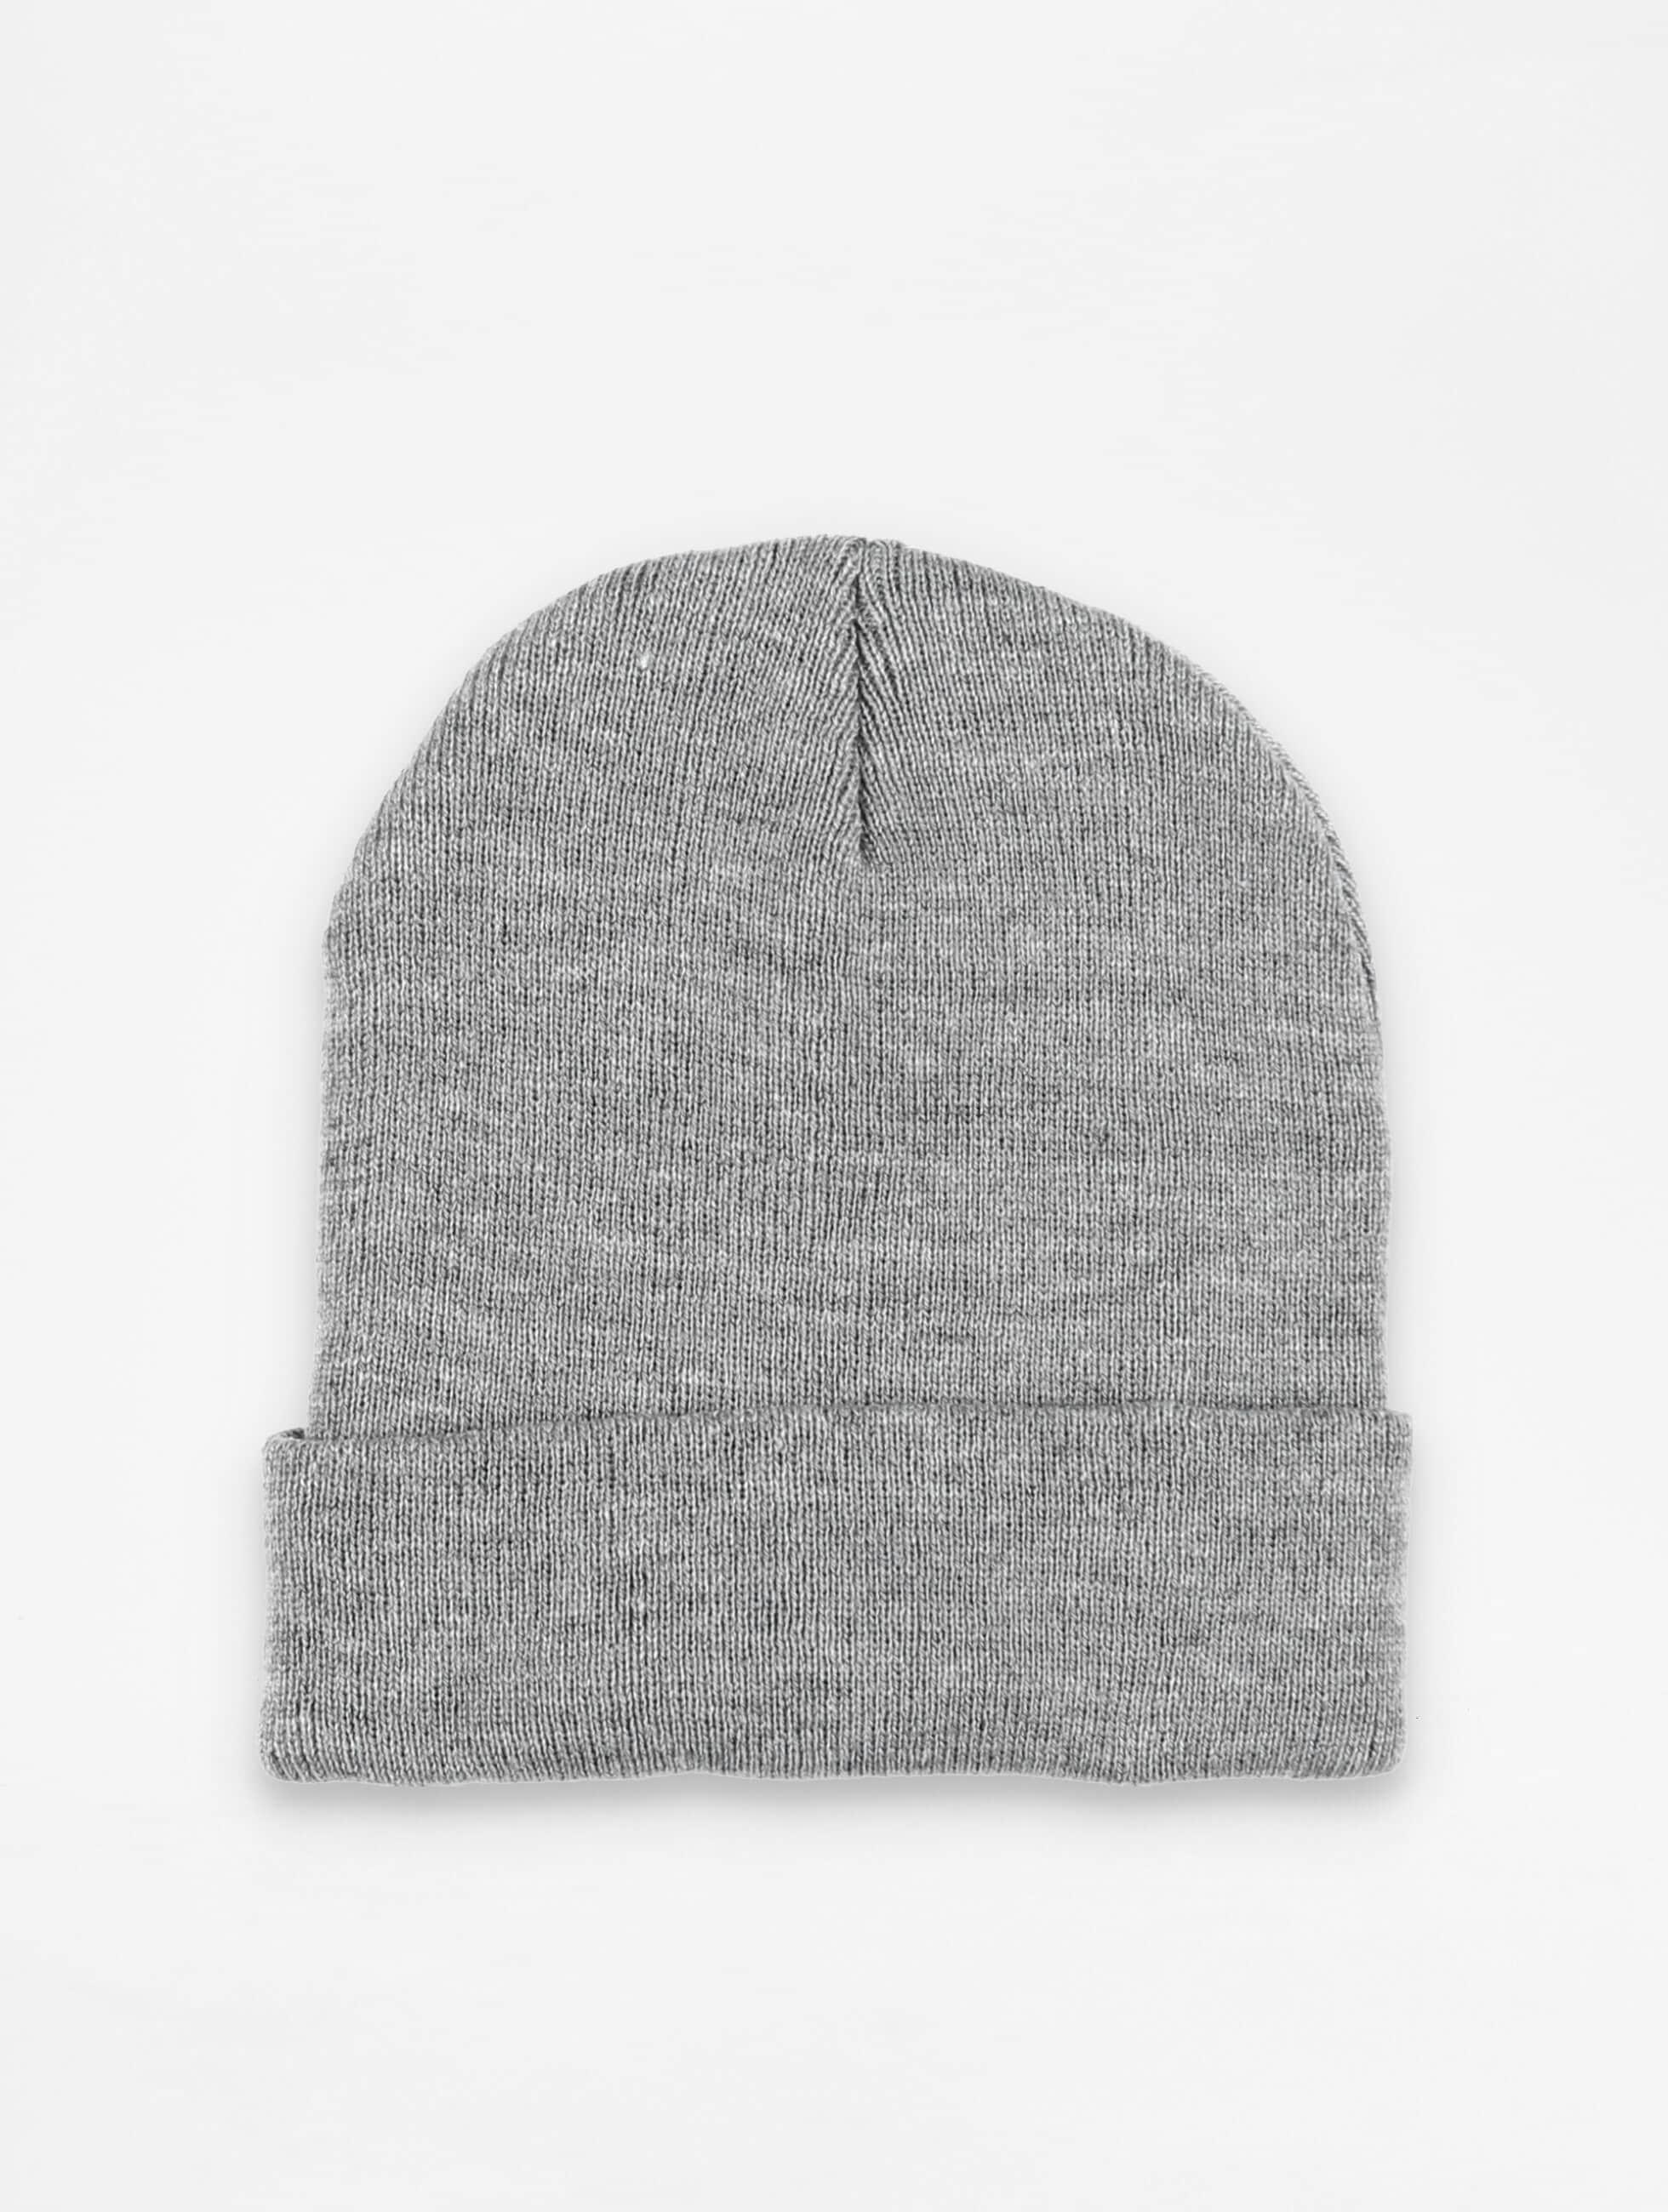 MSTRDS шляпа Basic Flap серый